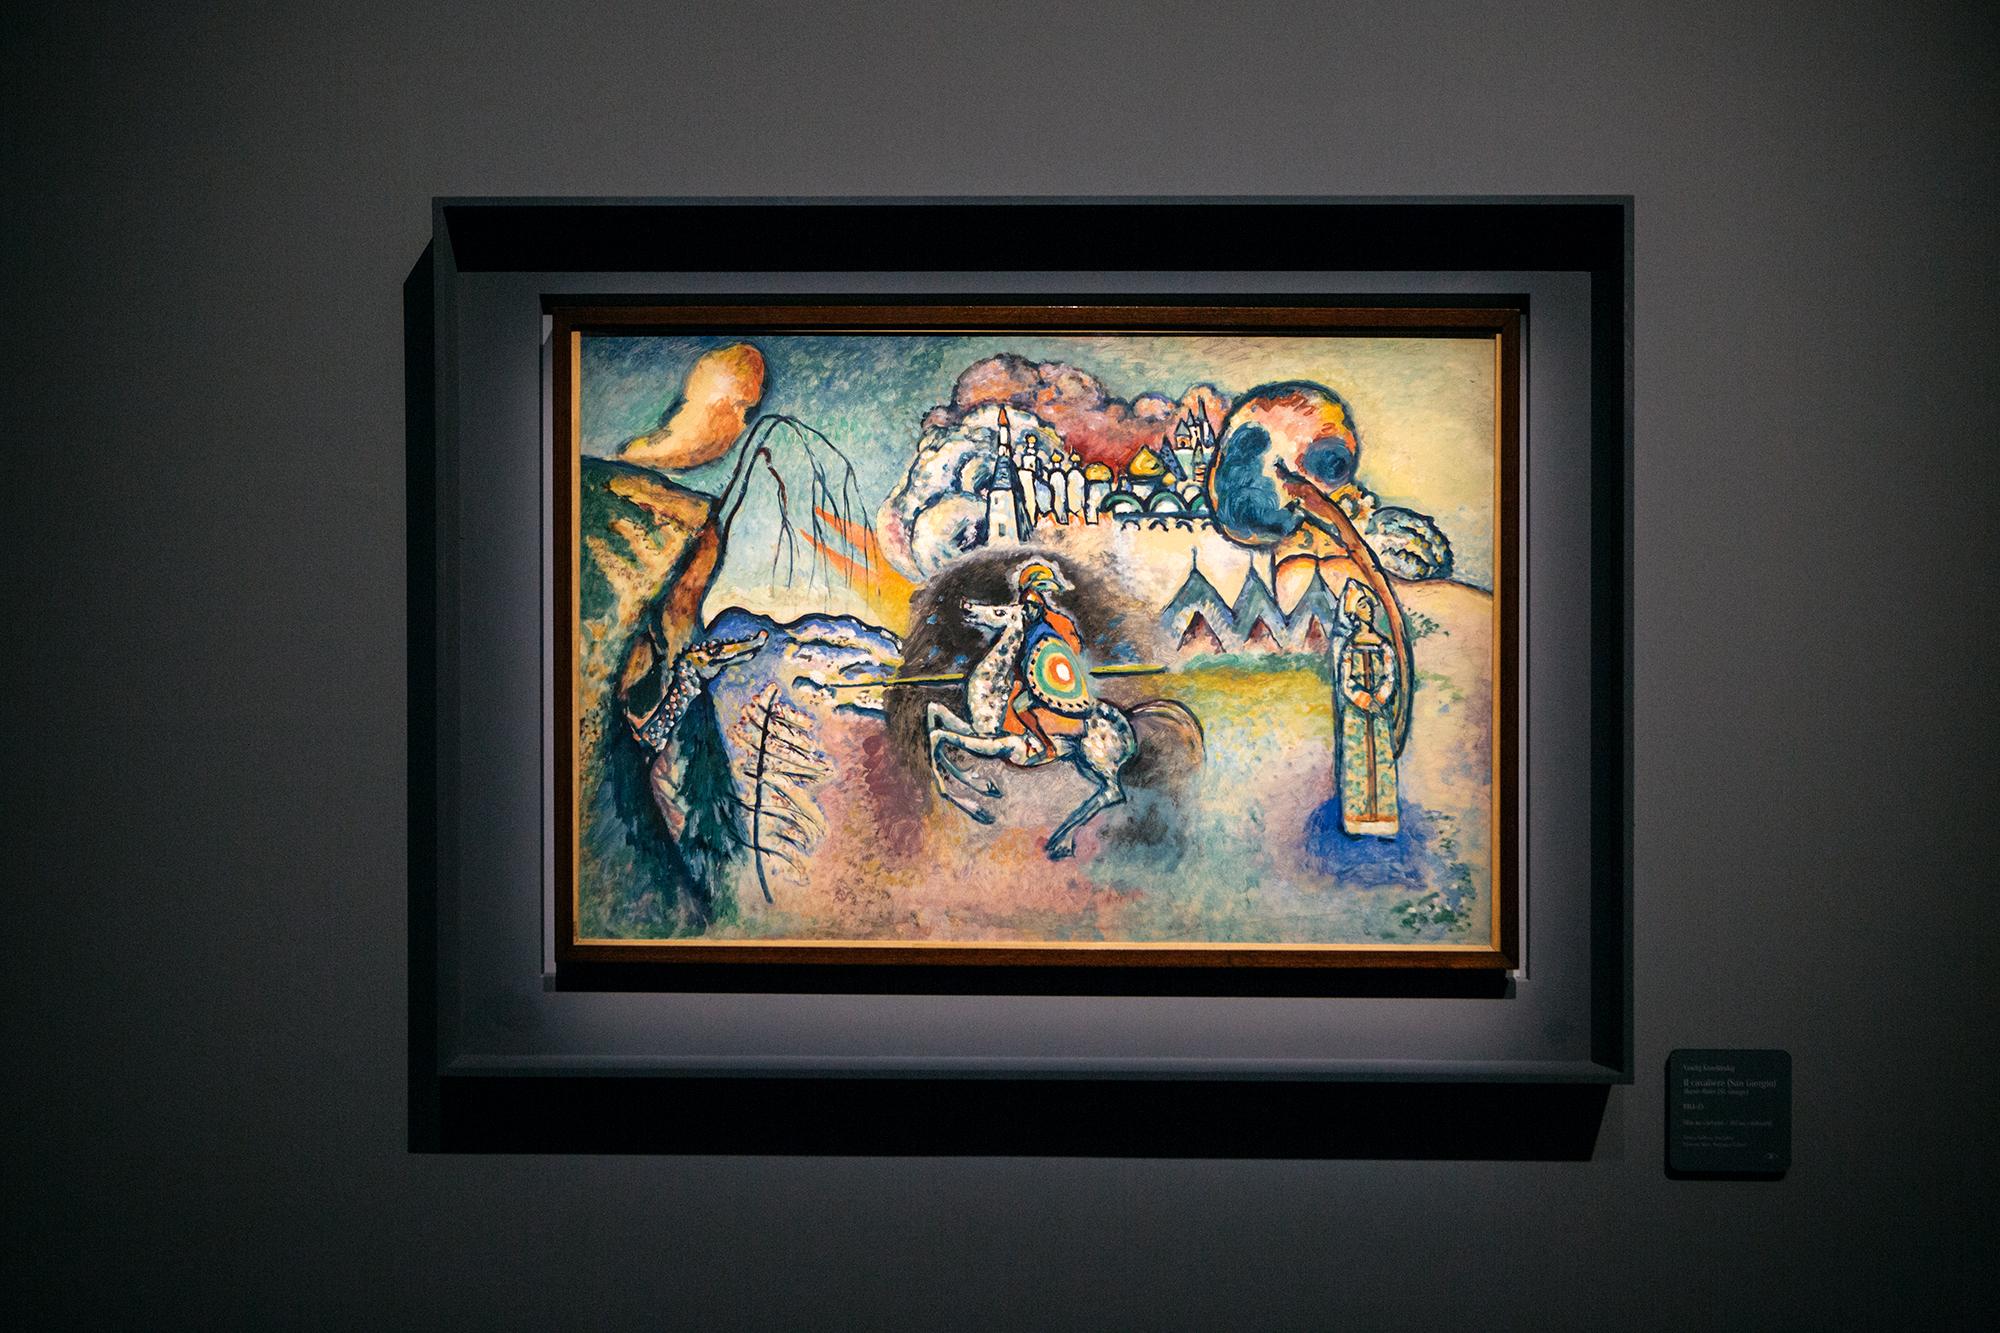 """L'esposizione vuole raccontare il """"periodo del genio"""" dell'artista russo, ovvero quel percorso che lo porta alla svolta completa verso l'astrazione"""